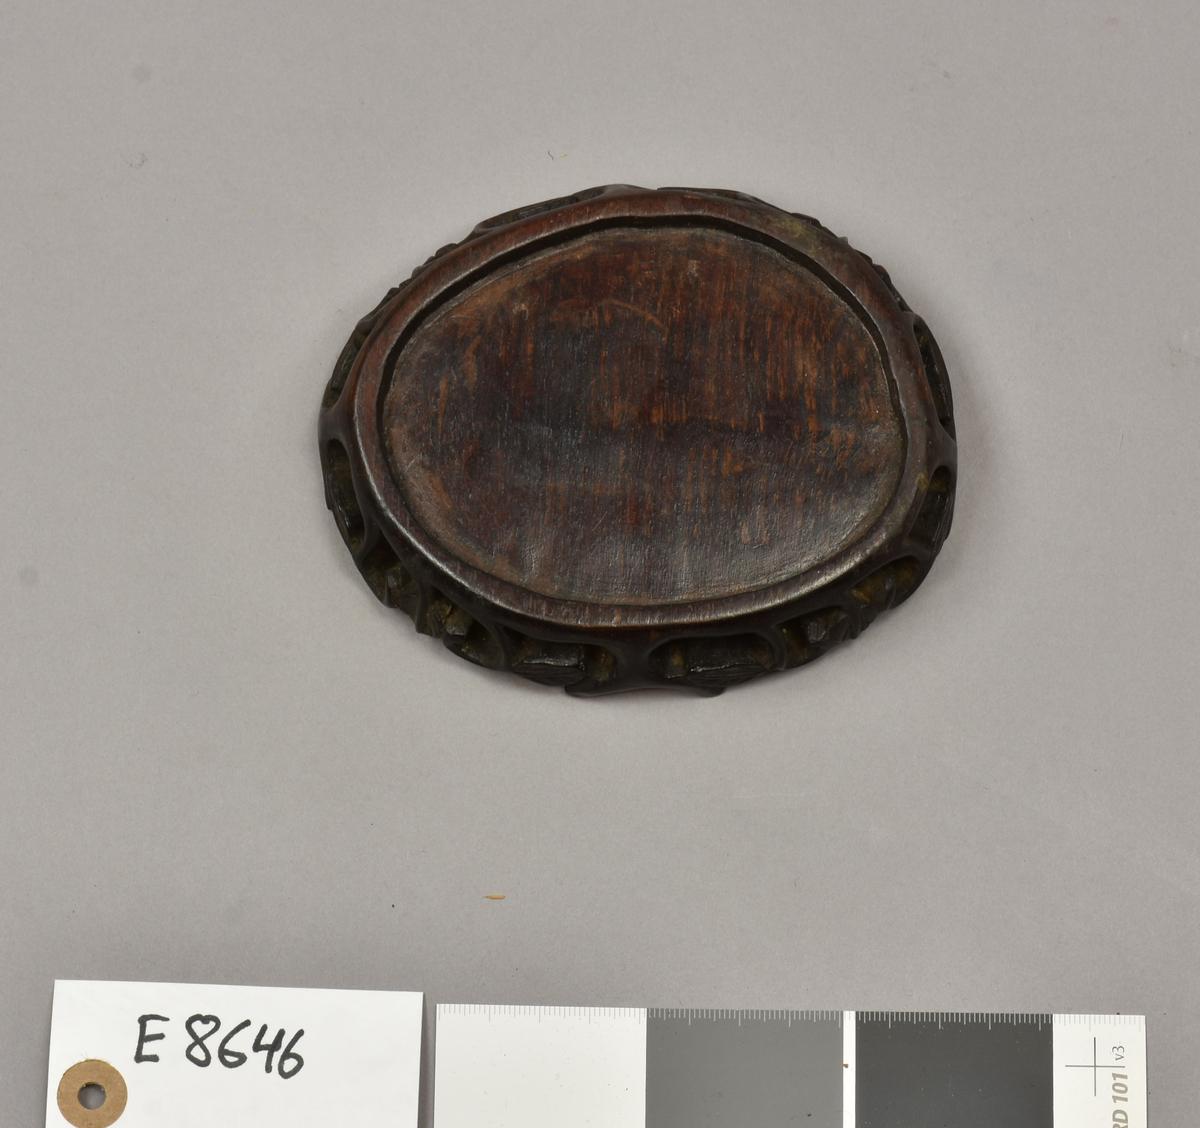 """E 8646 Fra protokollen: """" Sokkel av tre, oval. B: 13,1 cm, H: 2,6 cm. Kina, Øst-Asia."""""""